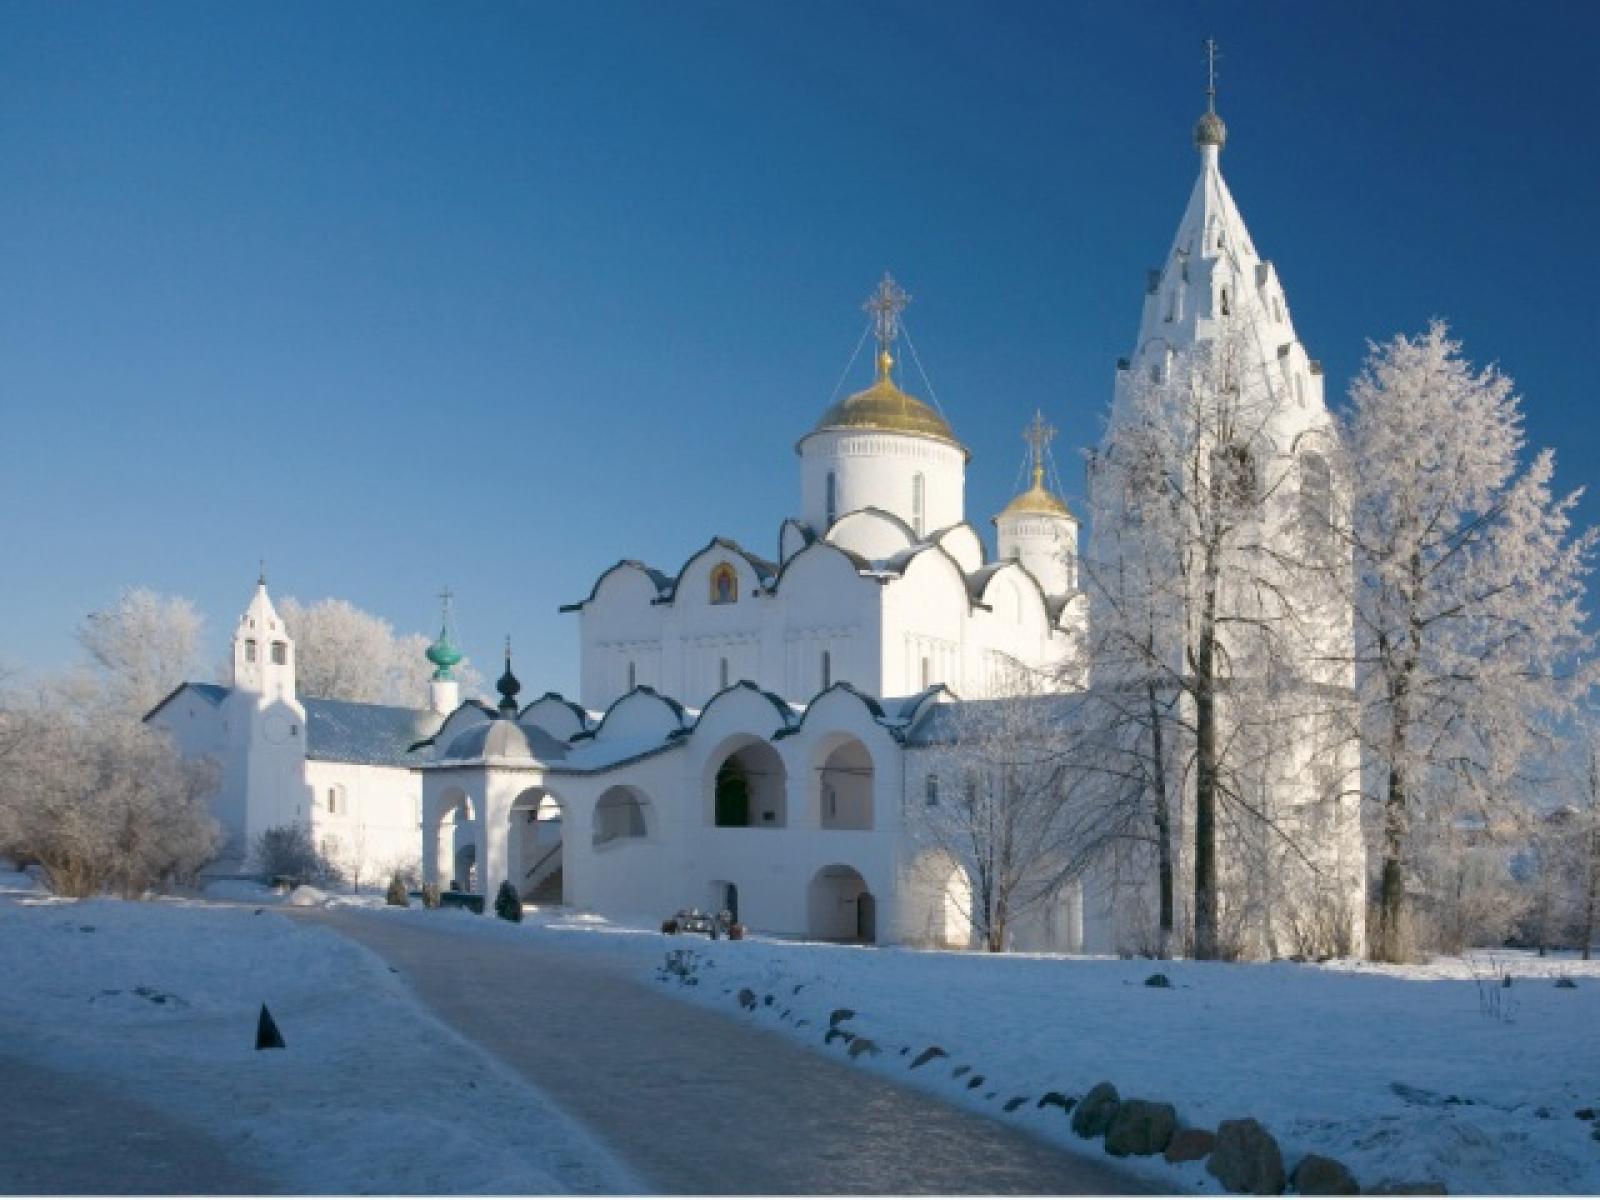 Новый год в Русской деревне (Владимир) с выездом из Саратова 30 декабря